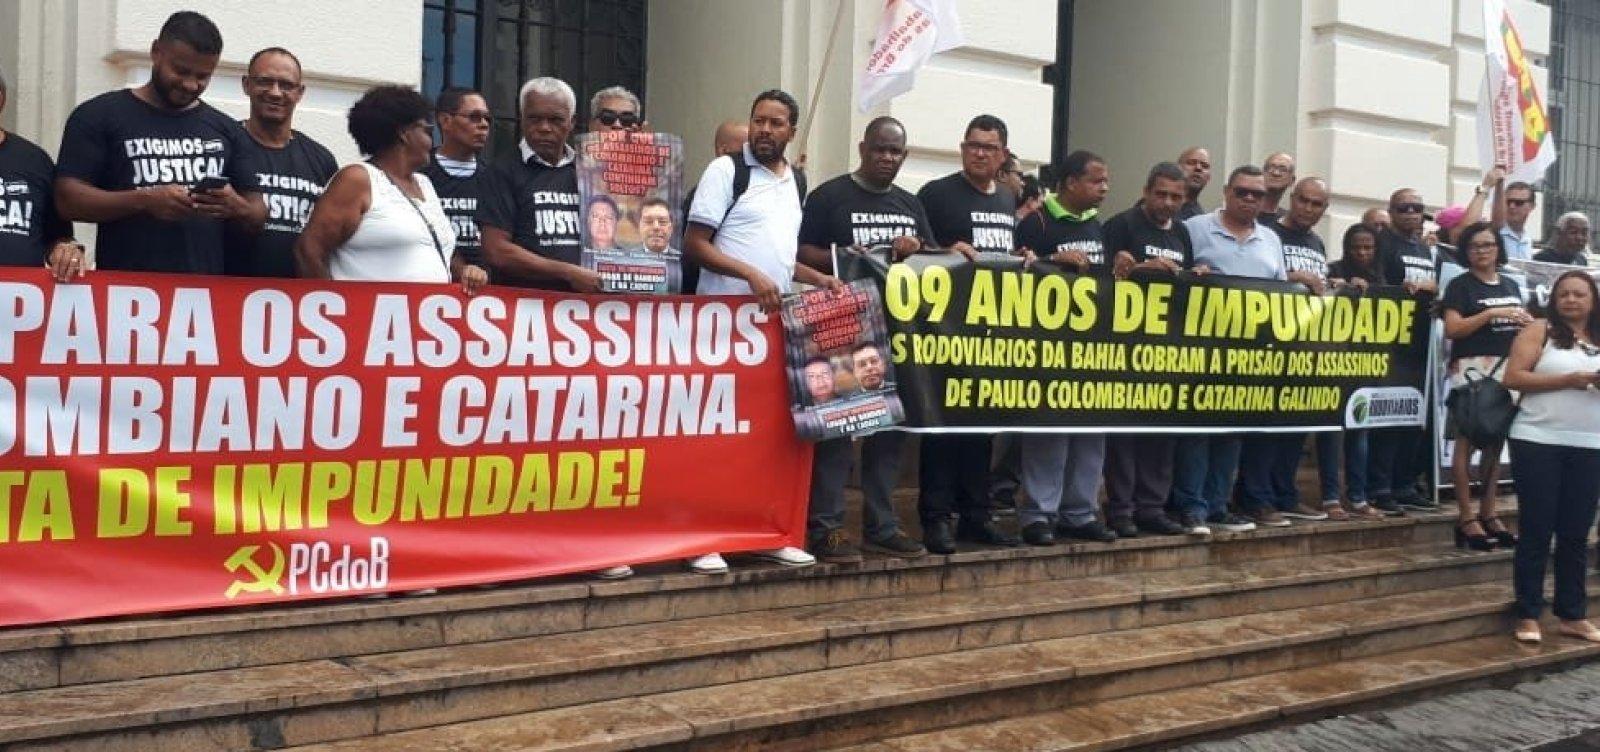 [Protesto repudia negligência da Justiça em julgamento de Colombiano e Catarina]